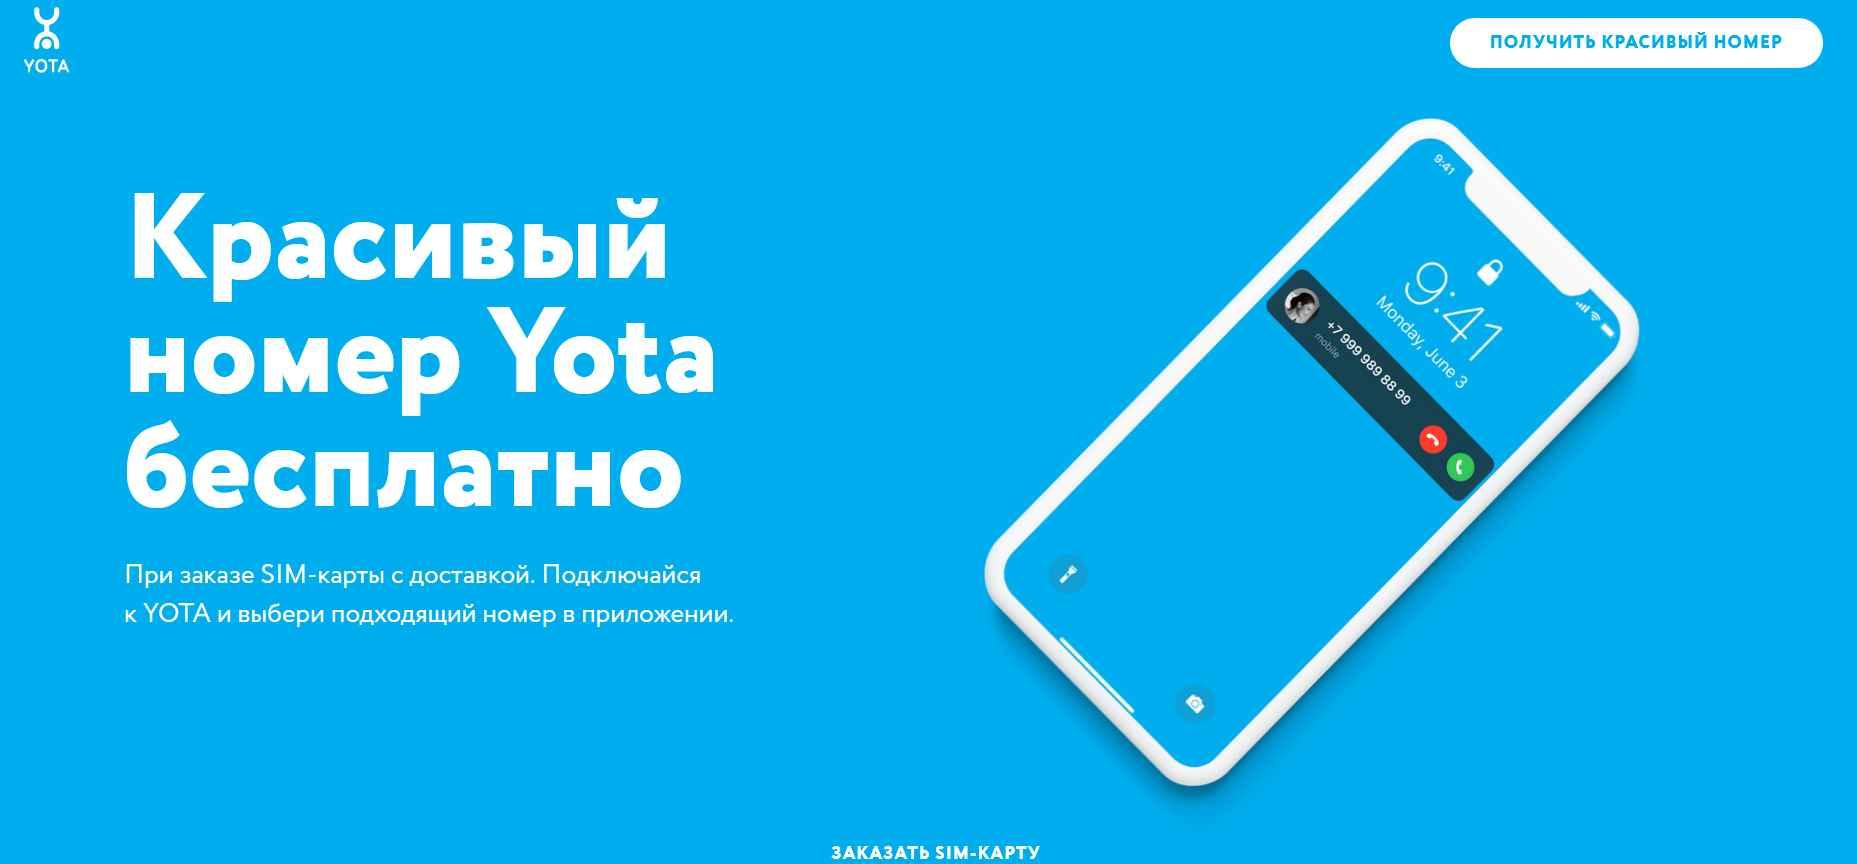 Красивый номер Yota бесплатно